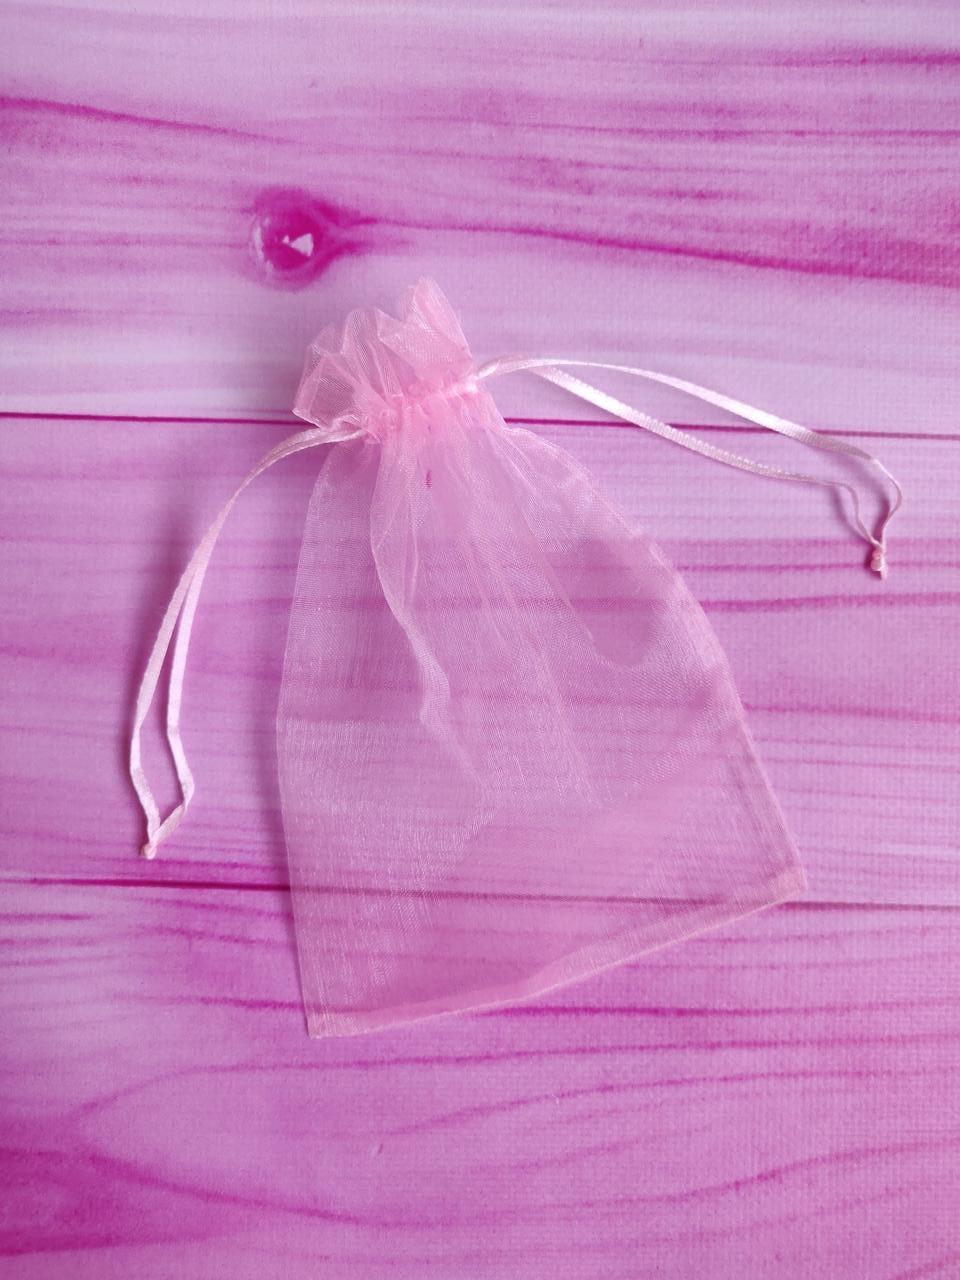 Мешочек из органзы /размер 13х18 см./ упаковка подарков/ цвет розовый